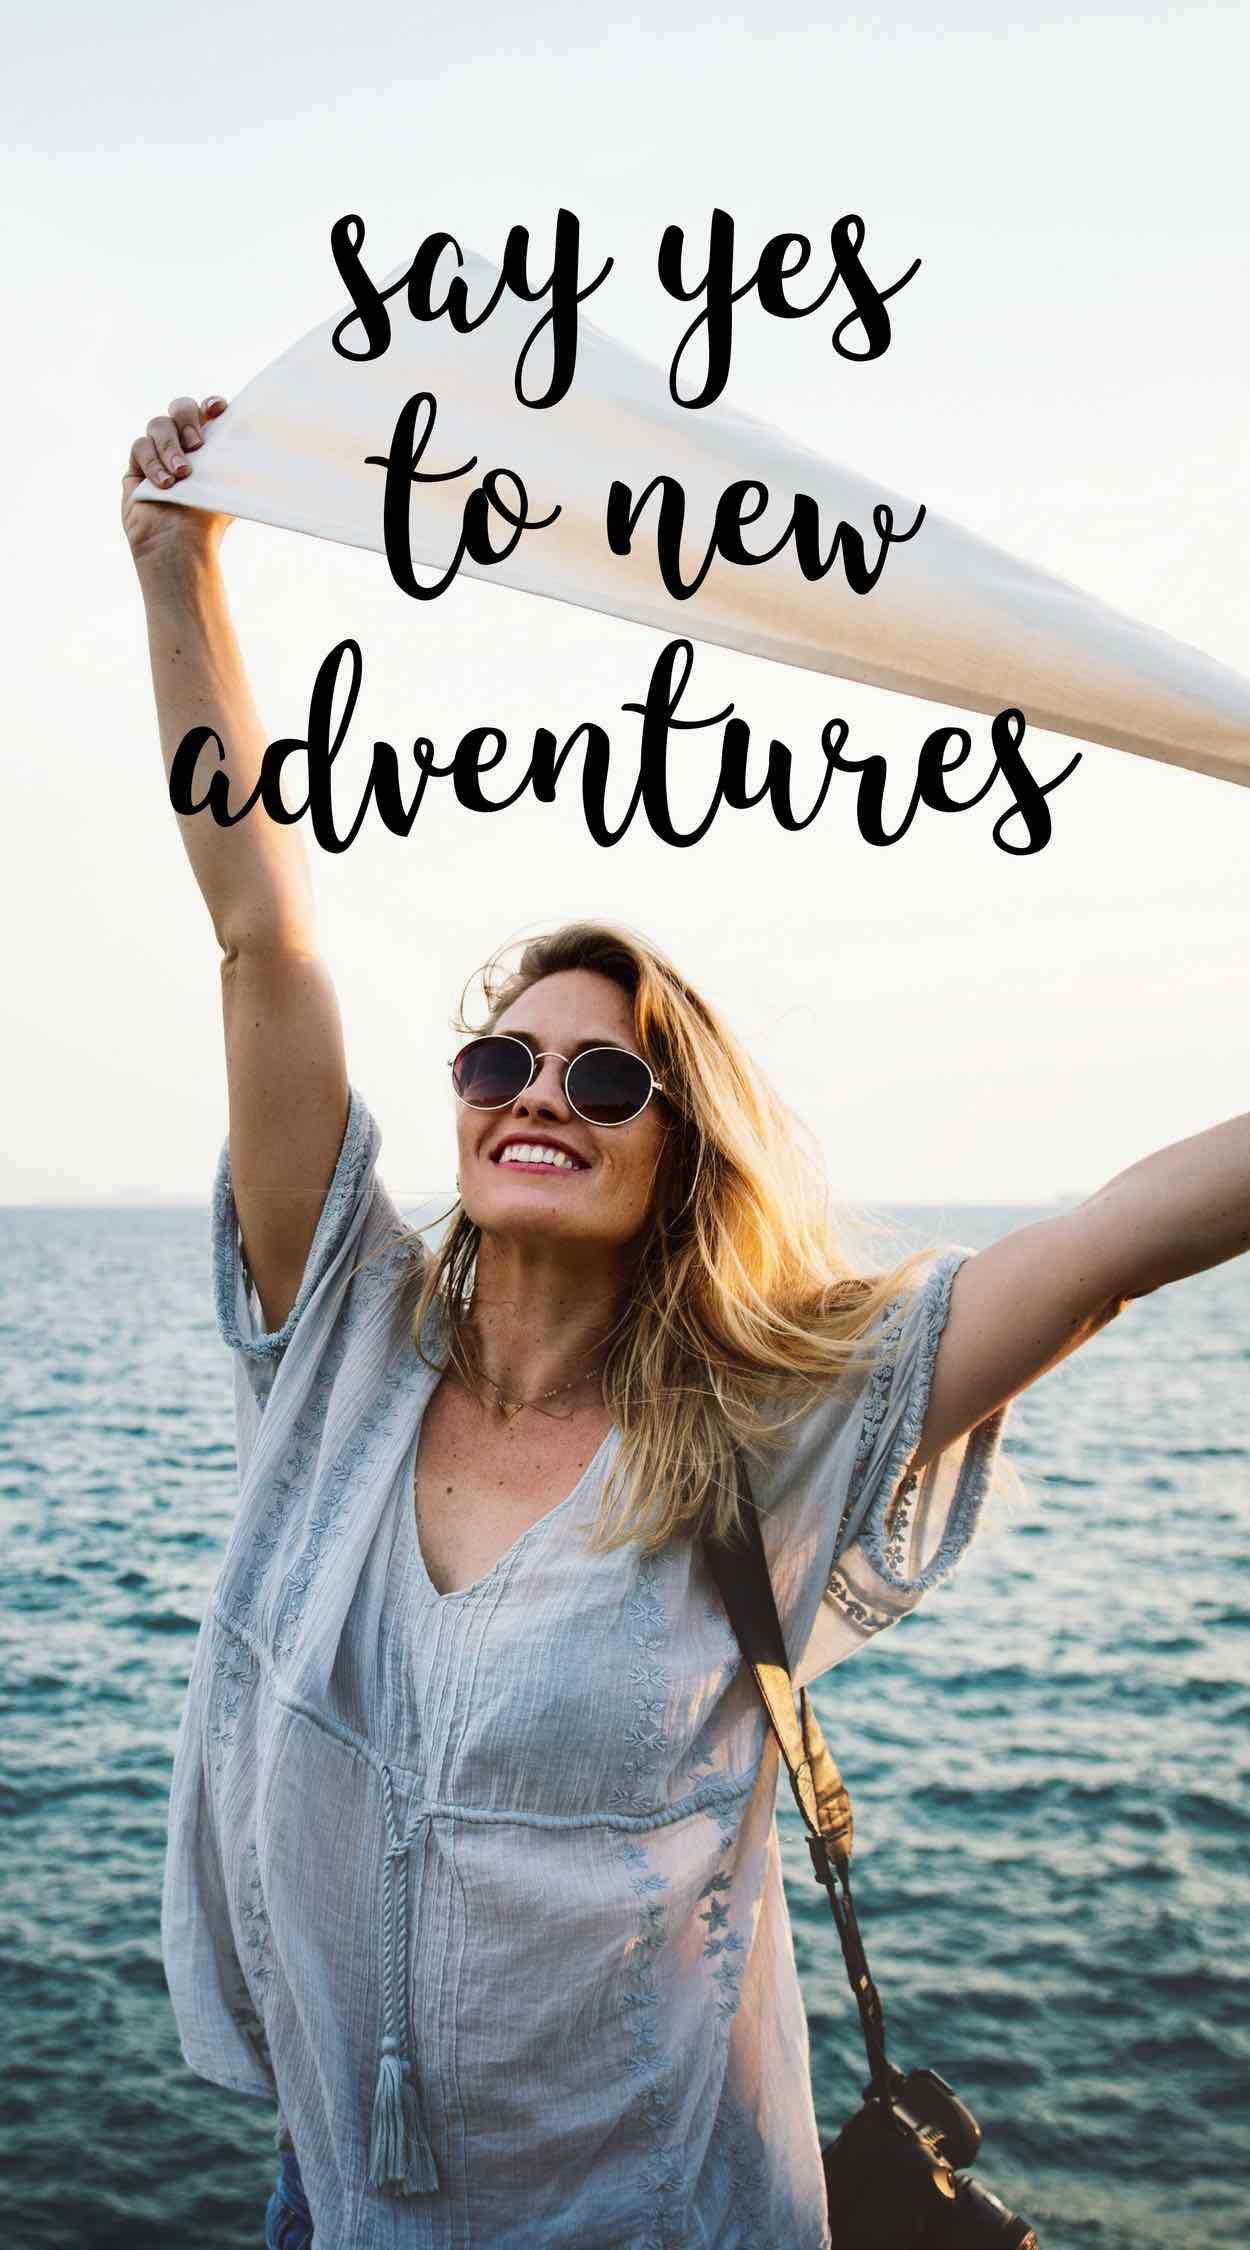 Adventure quotes | travel quotes | travel quotes for girls